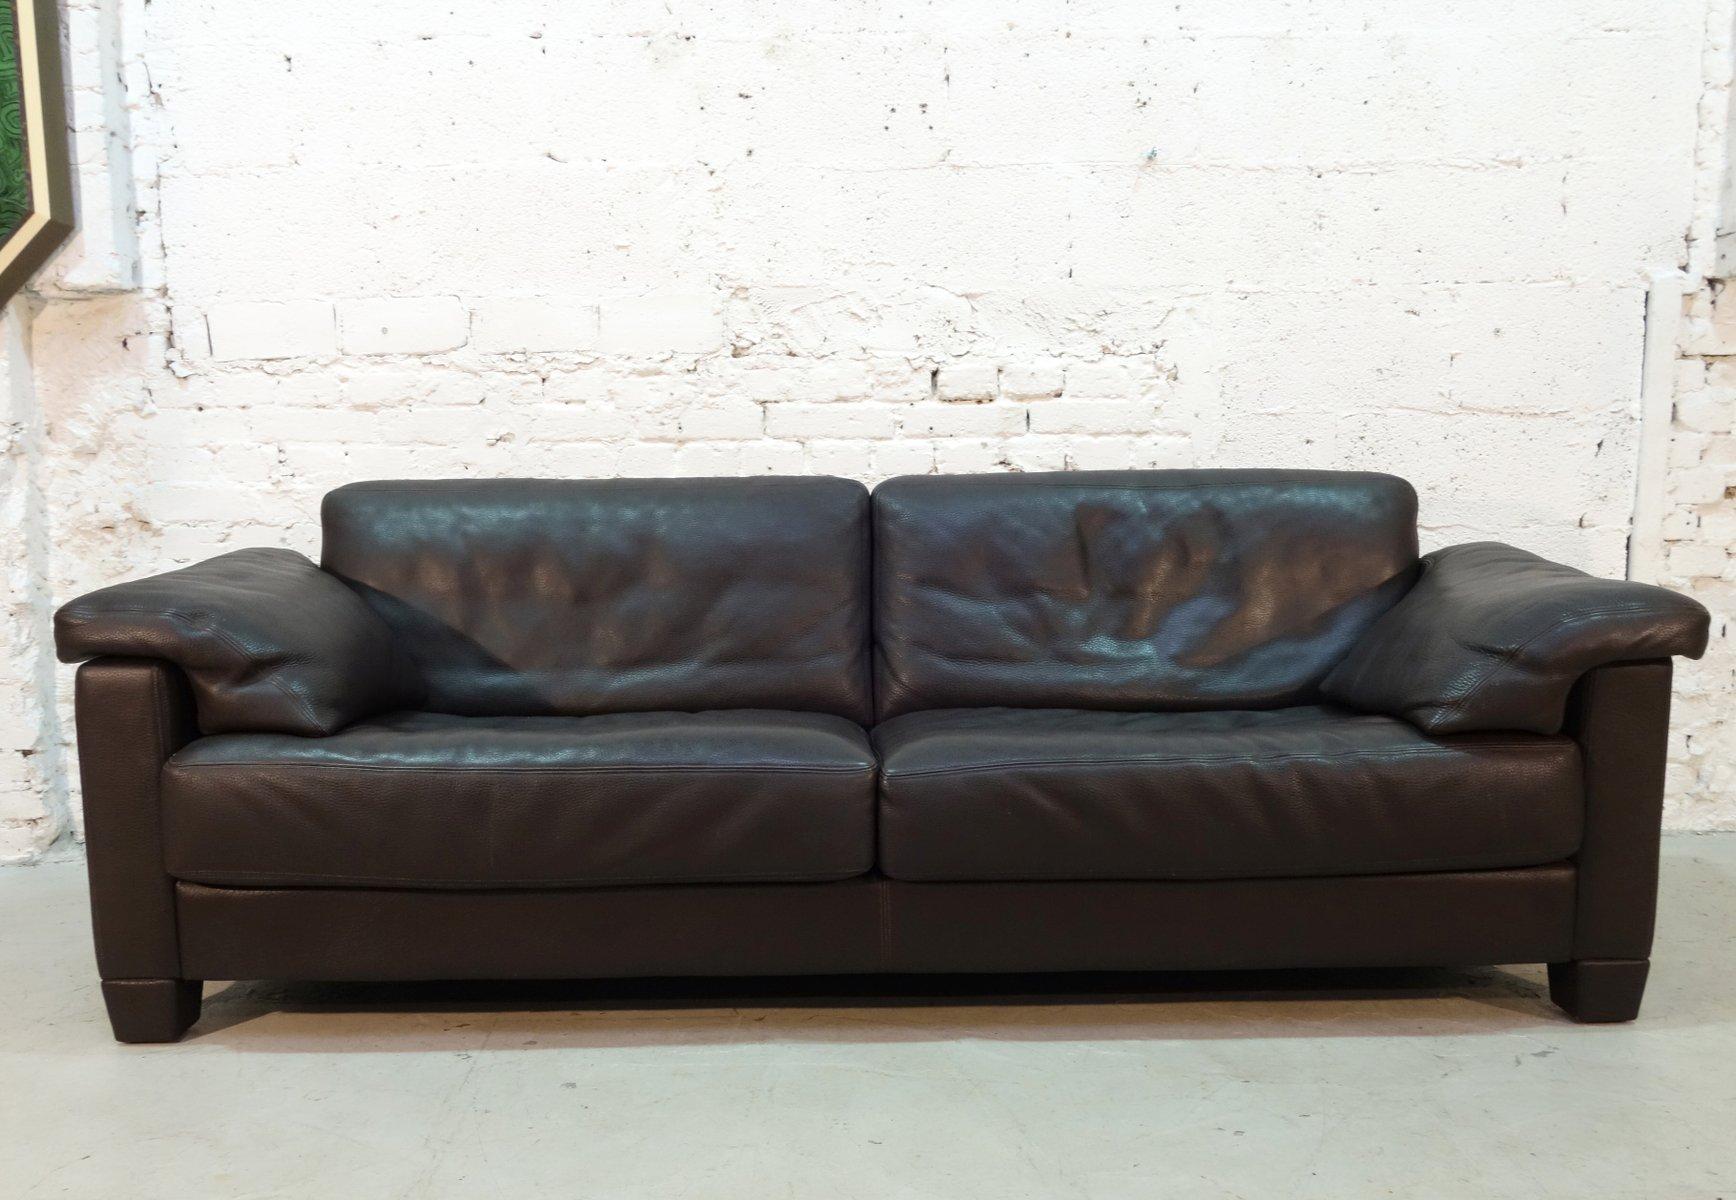 zwei sitzer sofa von de sede 1990er bei pamono kaufen. Black Bedroom Furniture Sets. Home Design Ideas